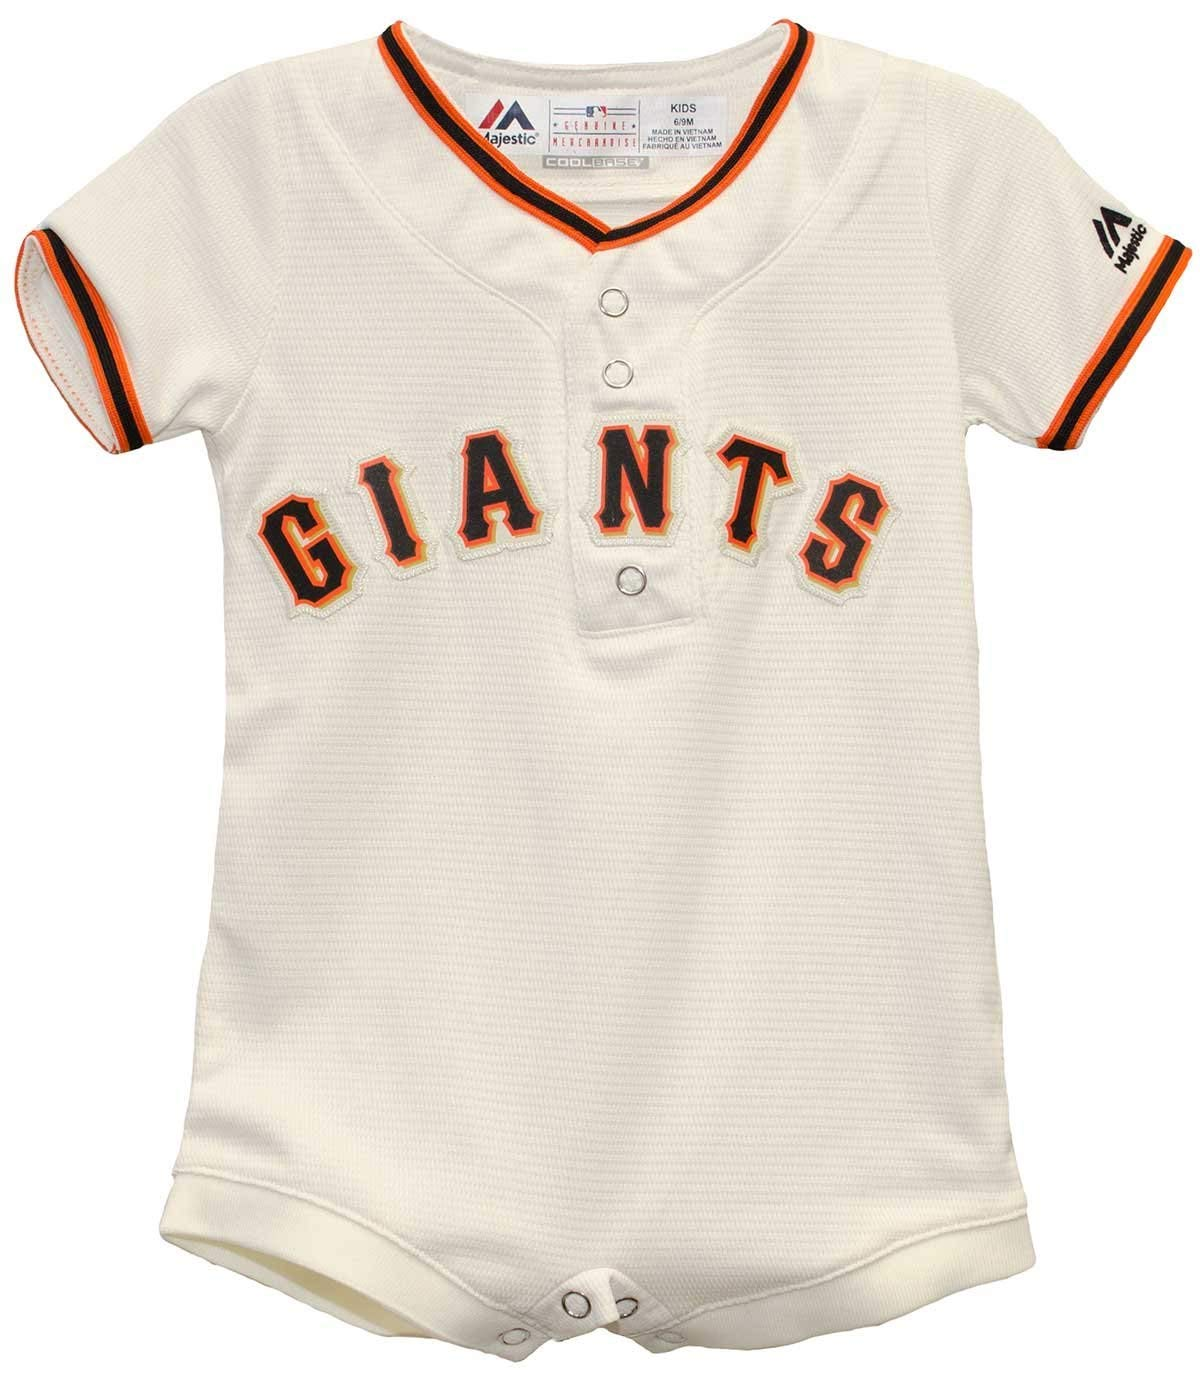 2019超人気 San Francisco GiantsホワイトホームクールベースロンパースJersey B0714BMSLQ 24 San Francisco 24 Months, トネムラ:ad7d6fda --- svecha37.ru